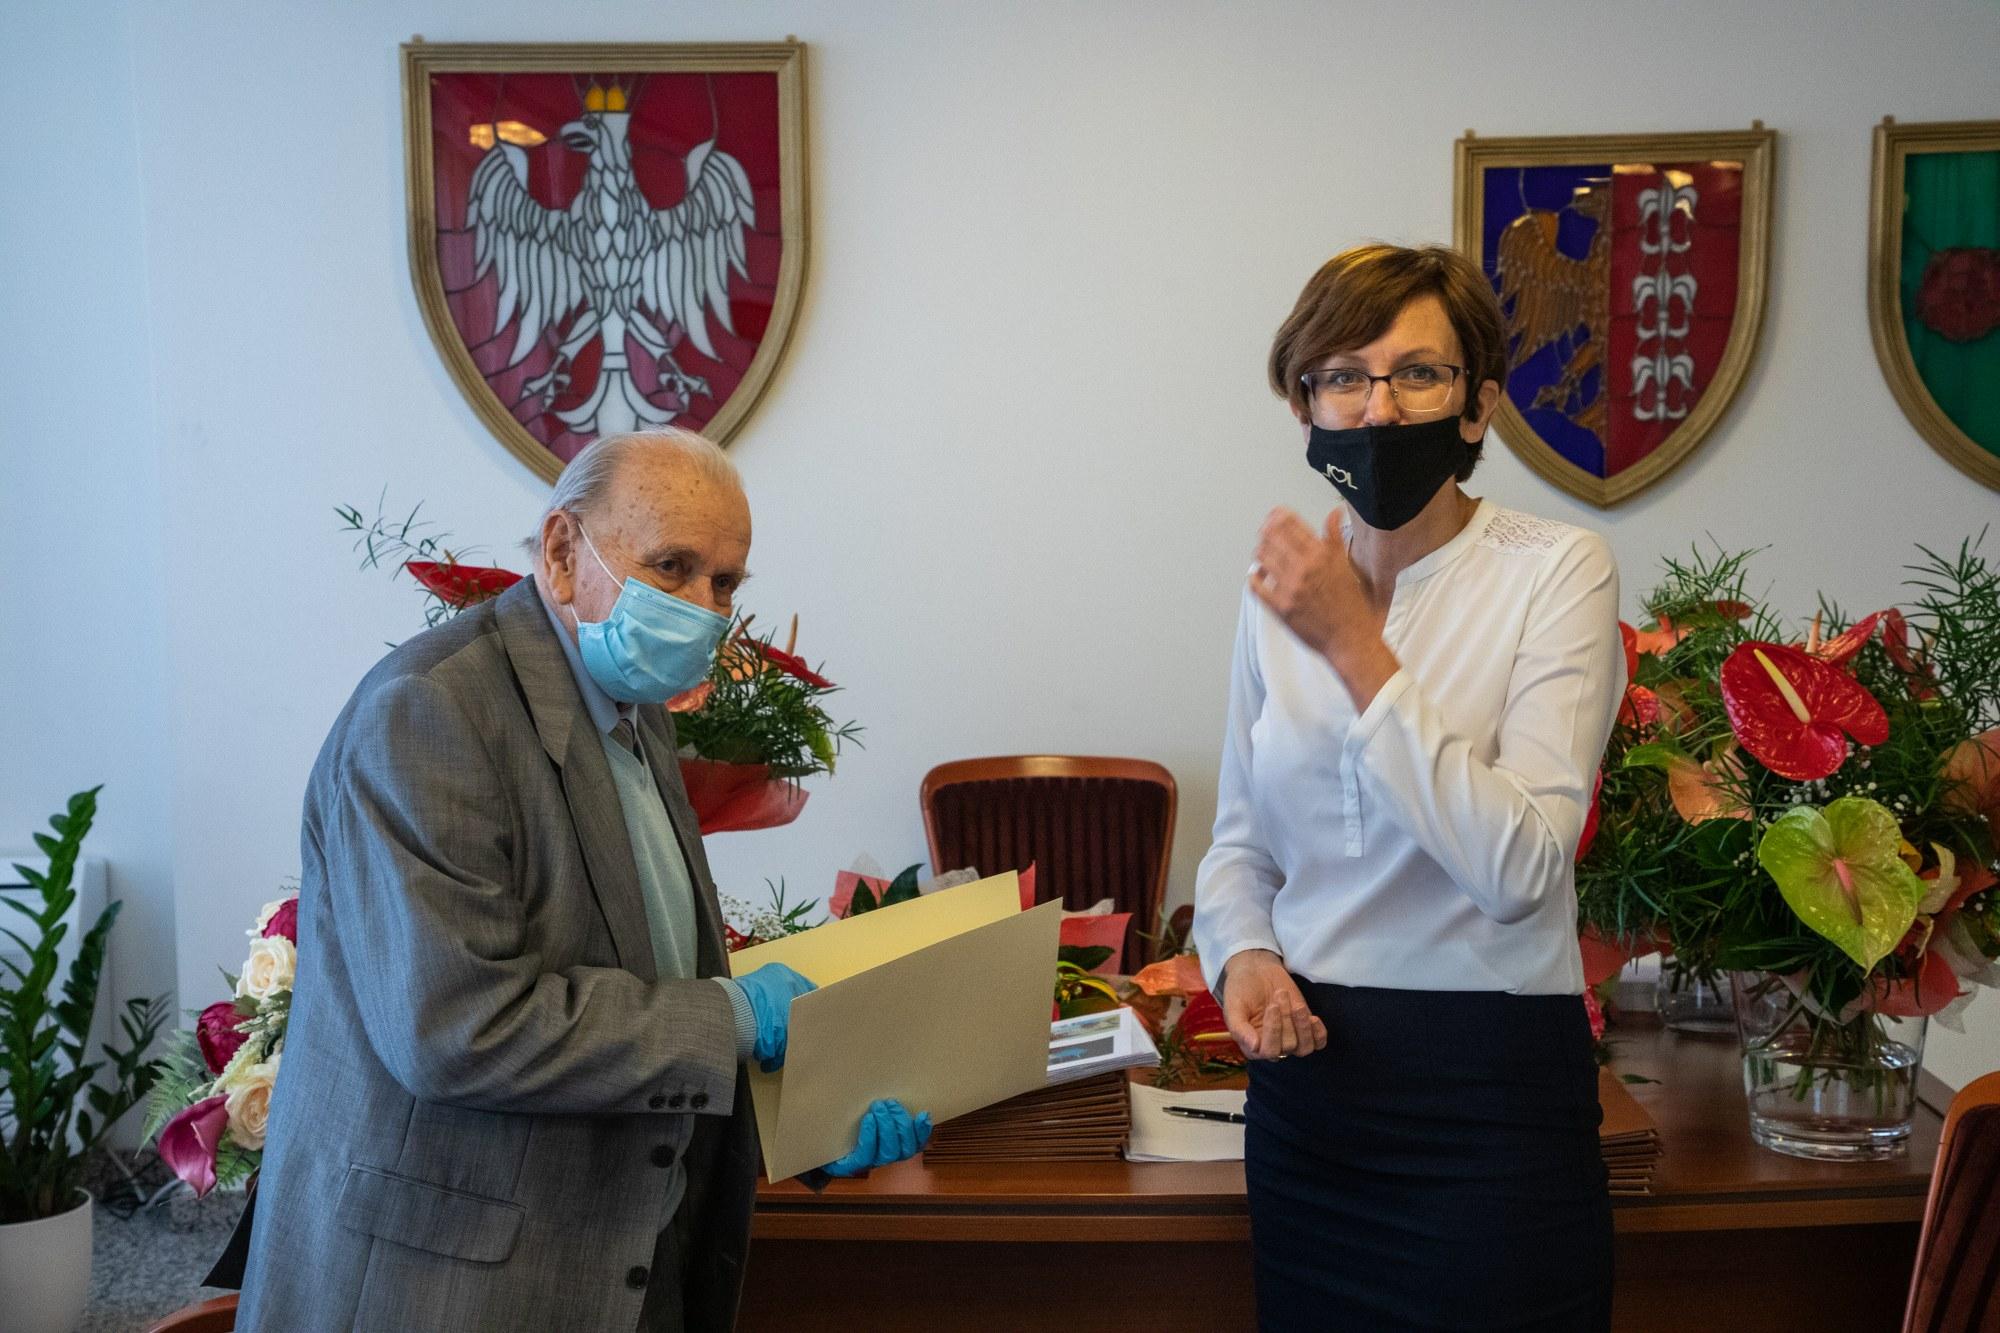 Halina i Gustaw Lorkowie świętowali 70-lecie pożycia małżeńskiego